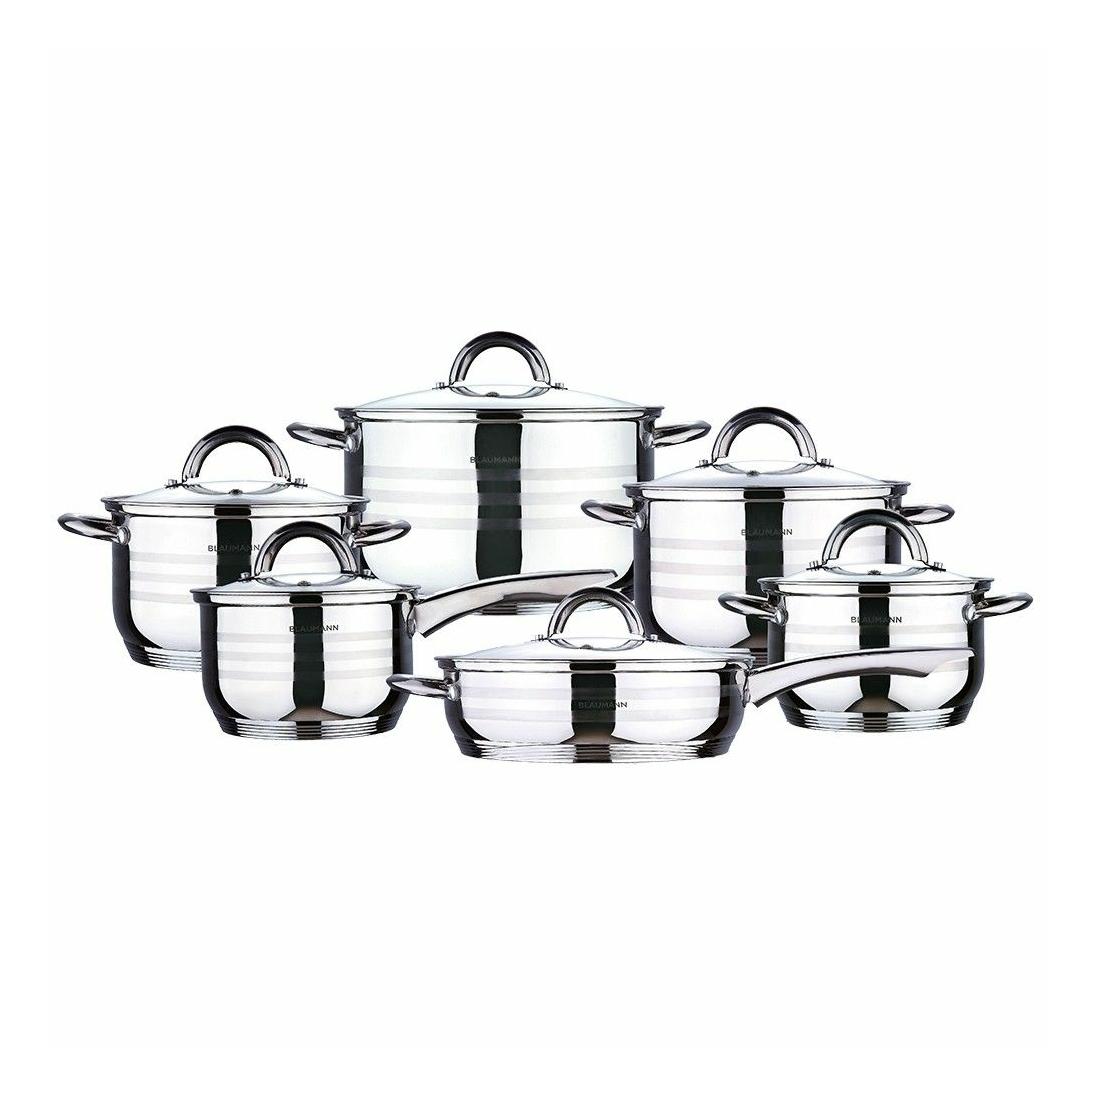 Blaumann rozsdamentes acél edény szett 12 db Gourmet Line